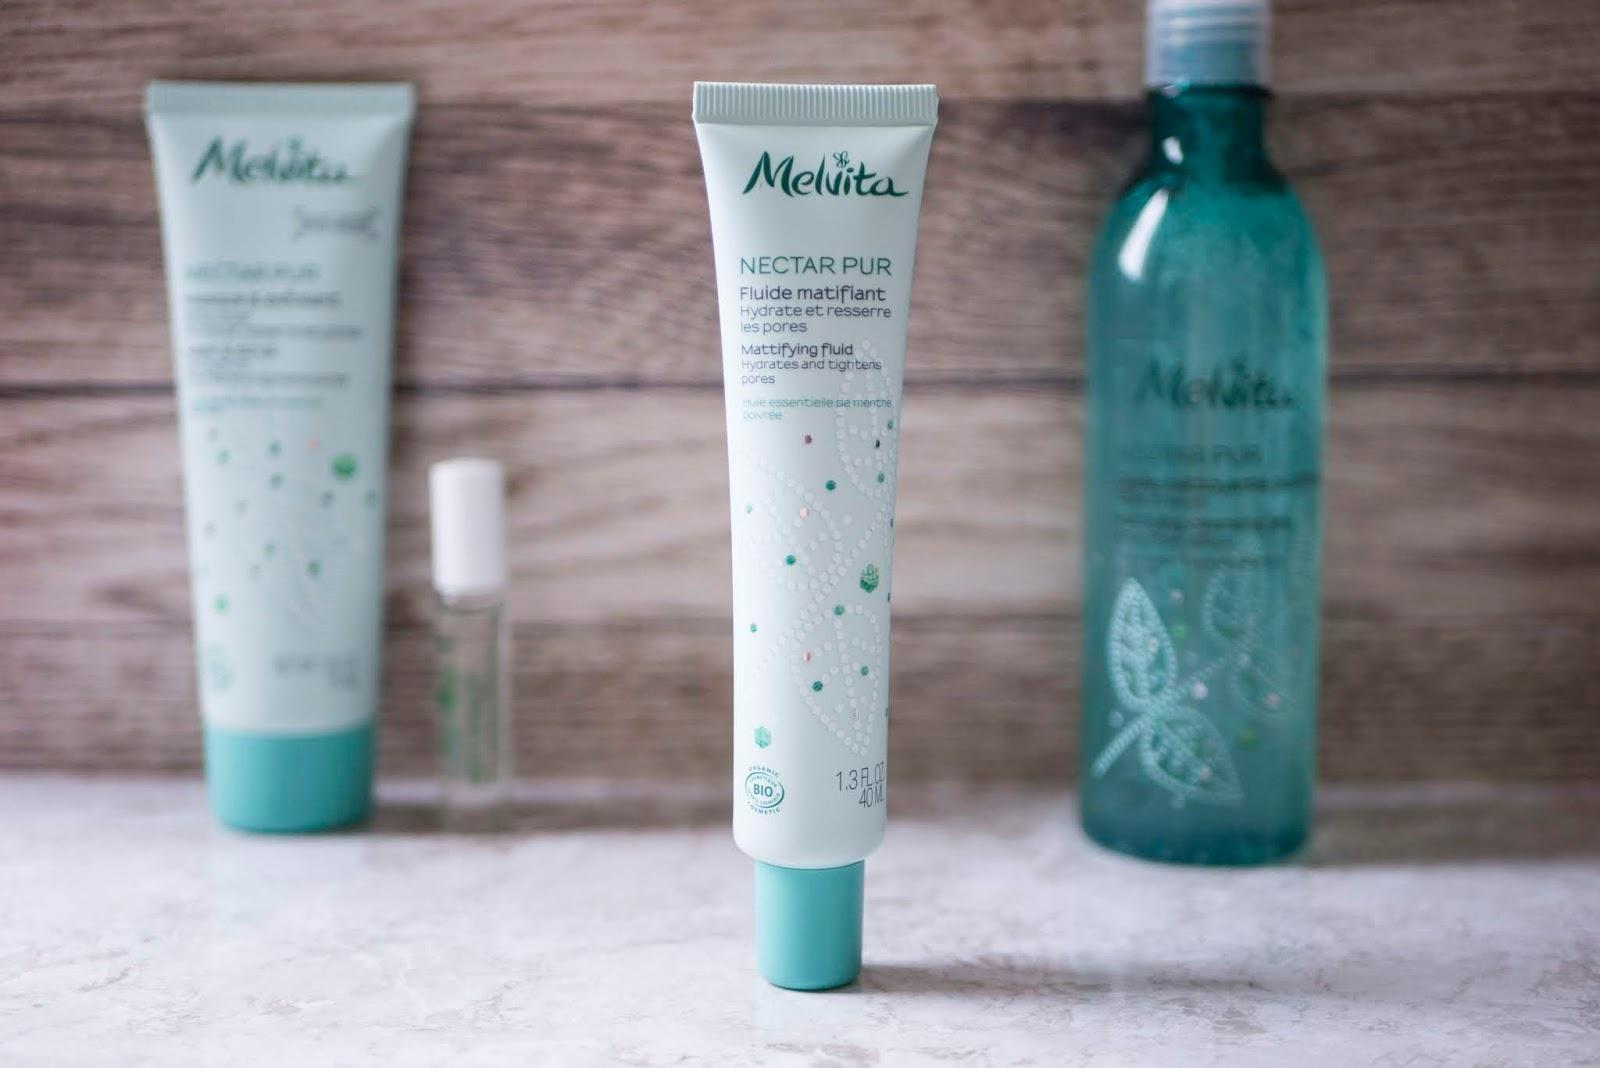 Melvita - Nectar Pur